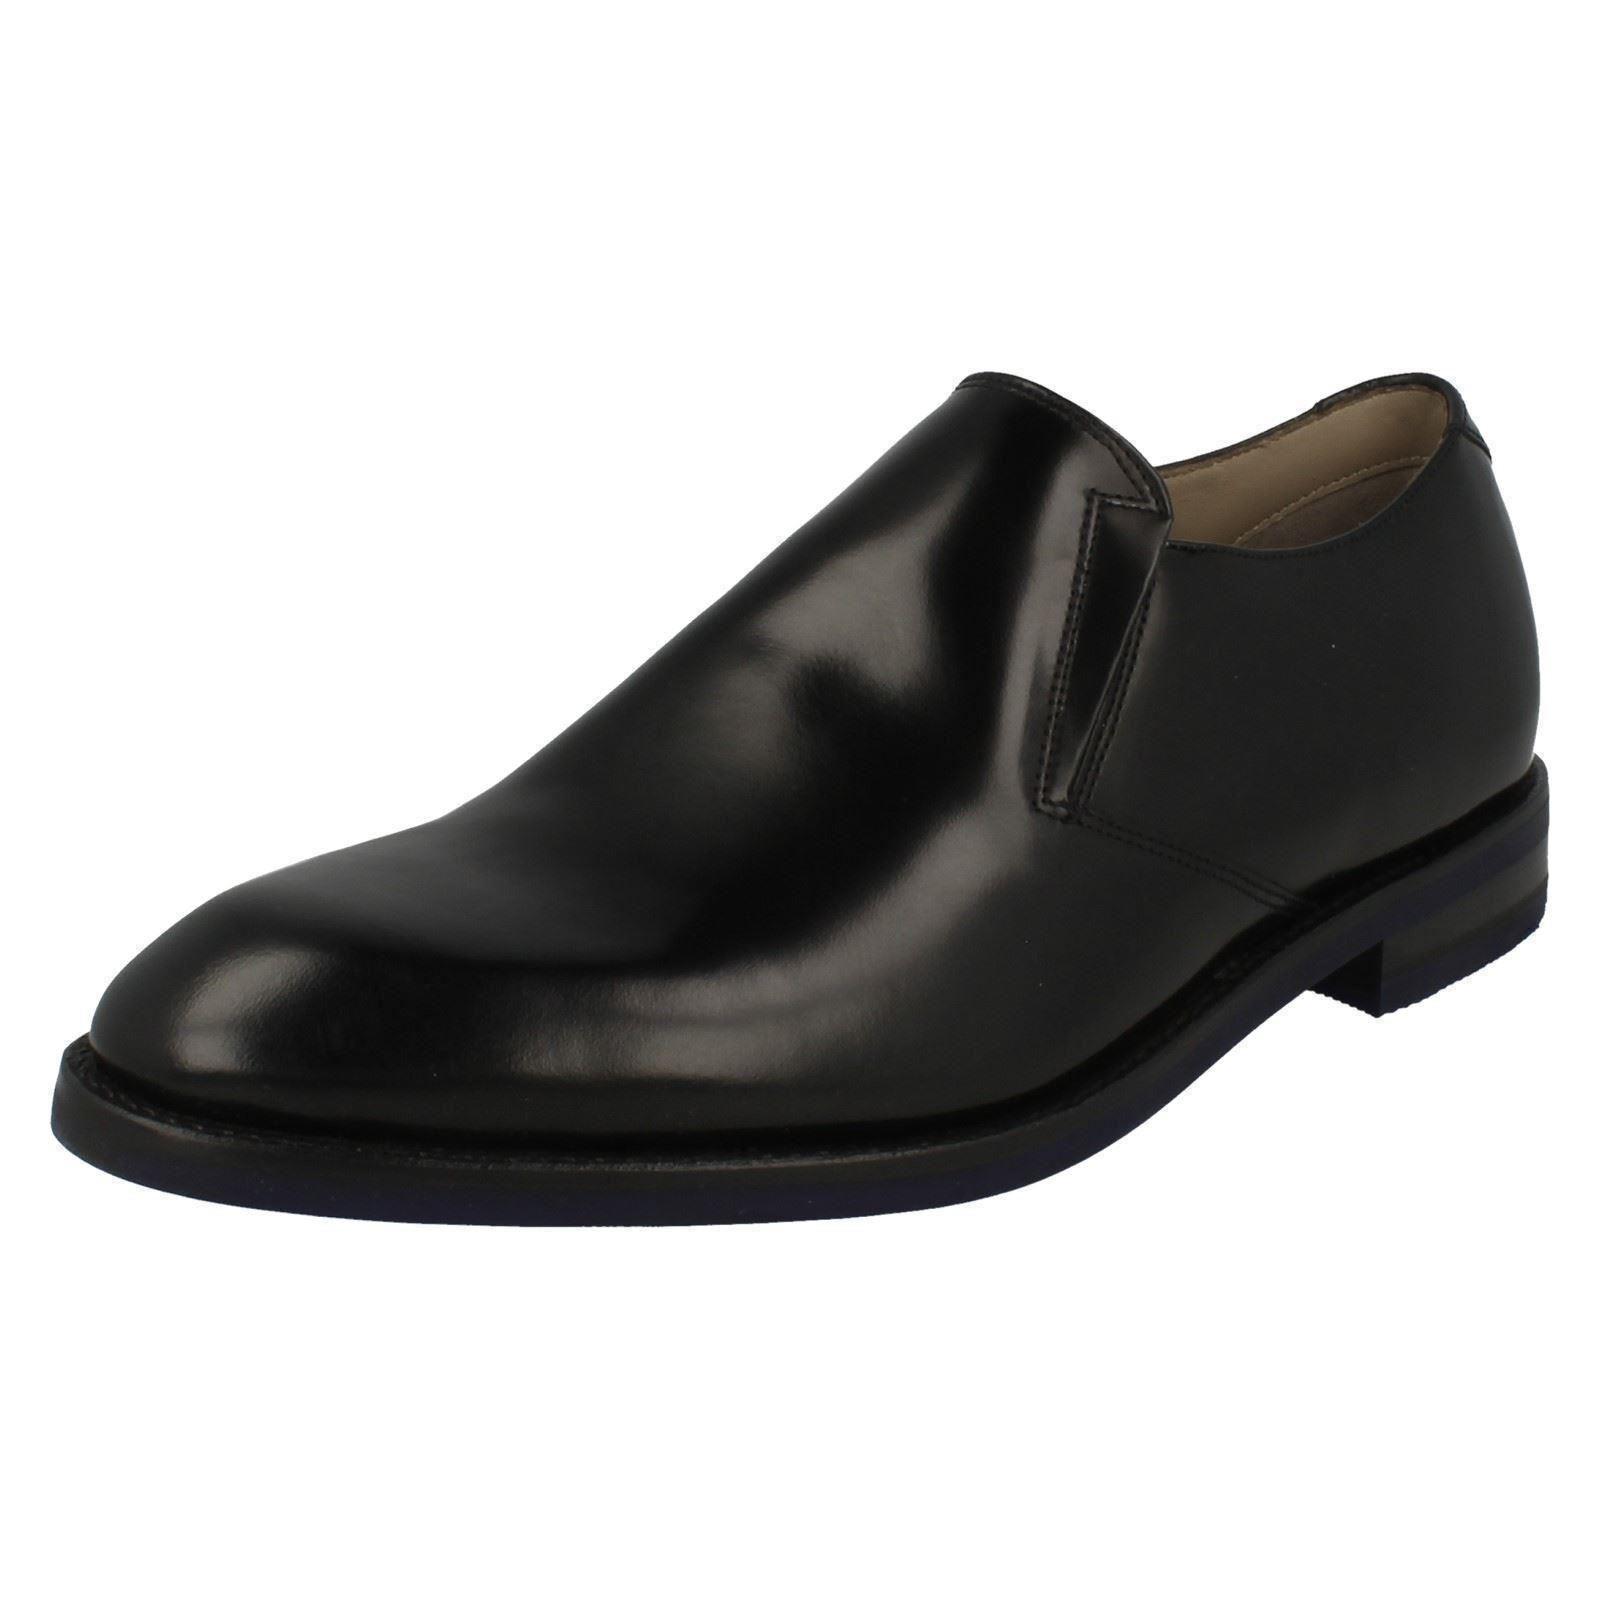 Uomo Clarks Slip Swinley Step Smart Leder Slip Clarks On Schuhes G Fitting 076661